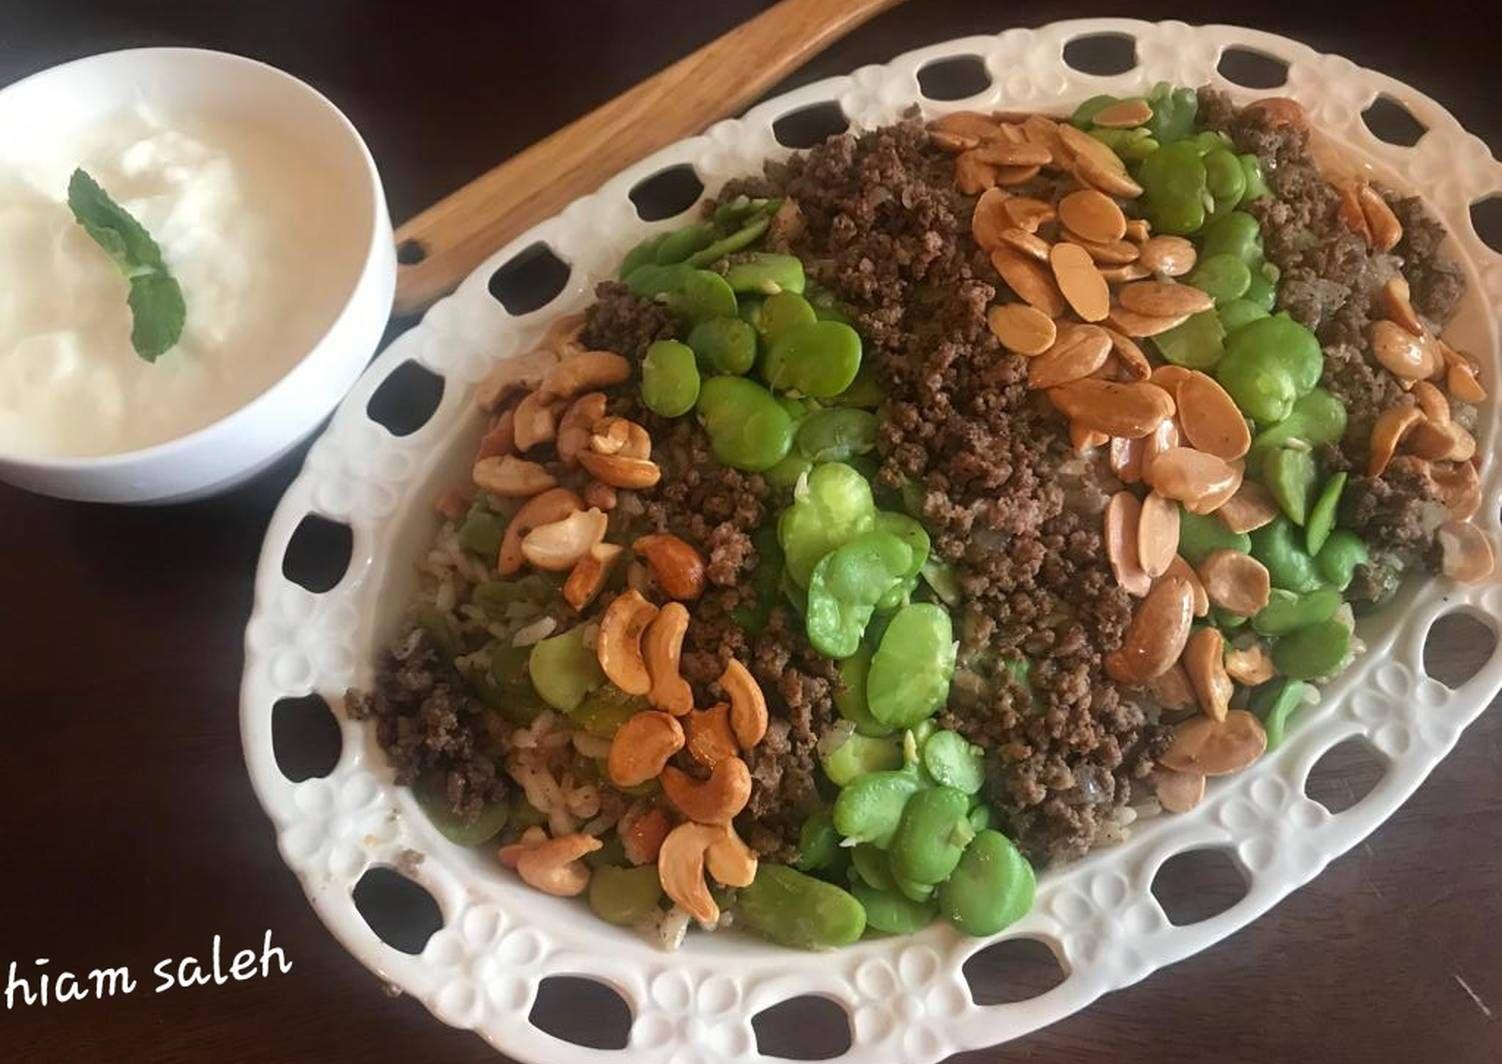 رز وفول بالصور من Hiam Saleh Recipe Black Eyed Peas Peas Food